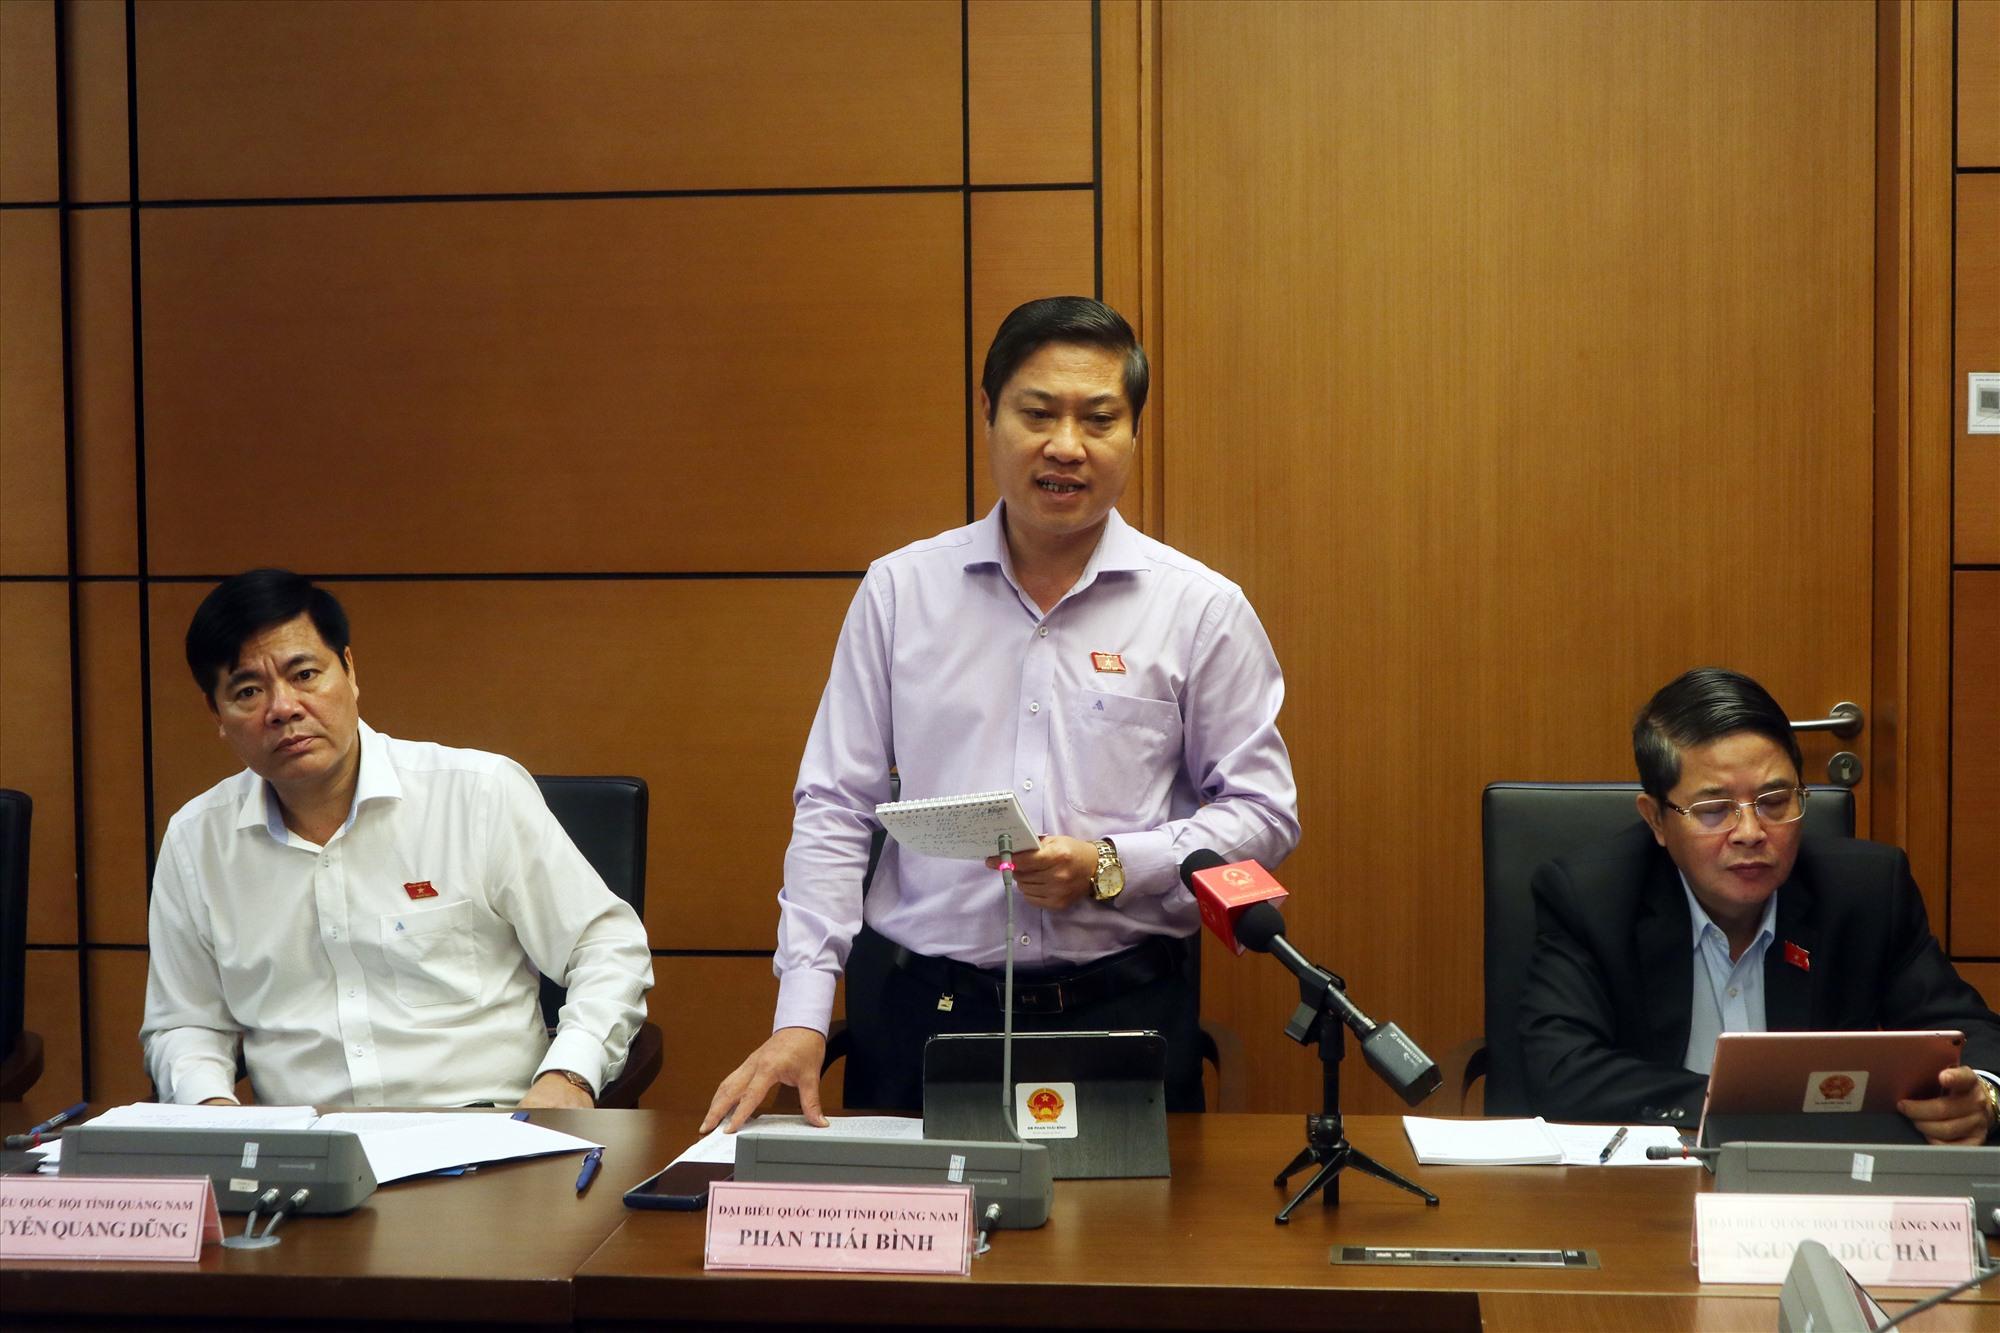 Đại biểu Phan Thái Bình phát biểu thảo luận tổ.